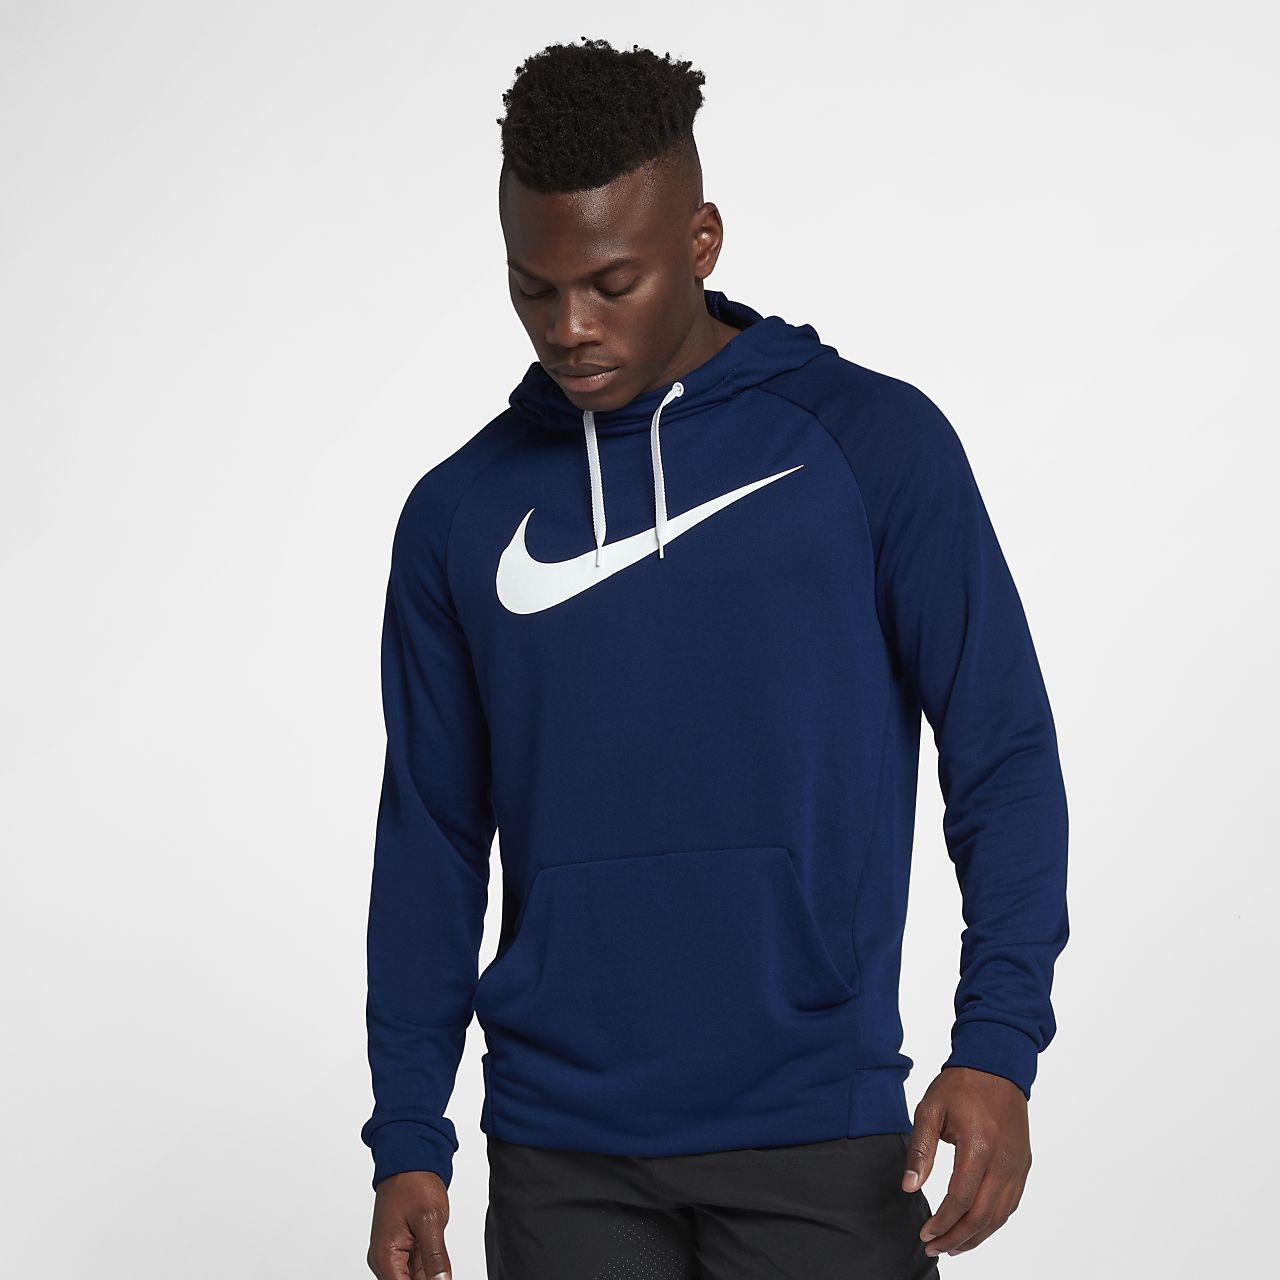 Compra marcas de ropa deportiva online al por mayor de